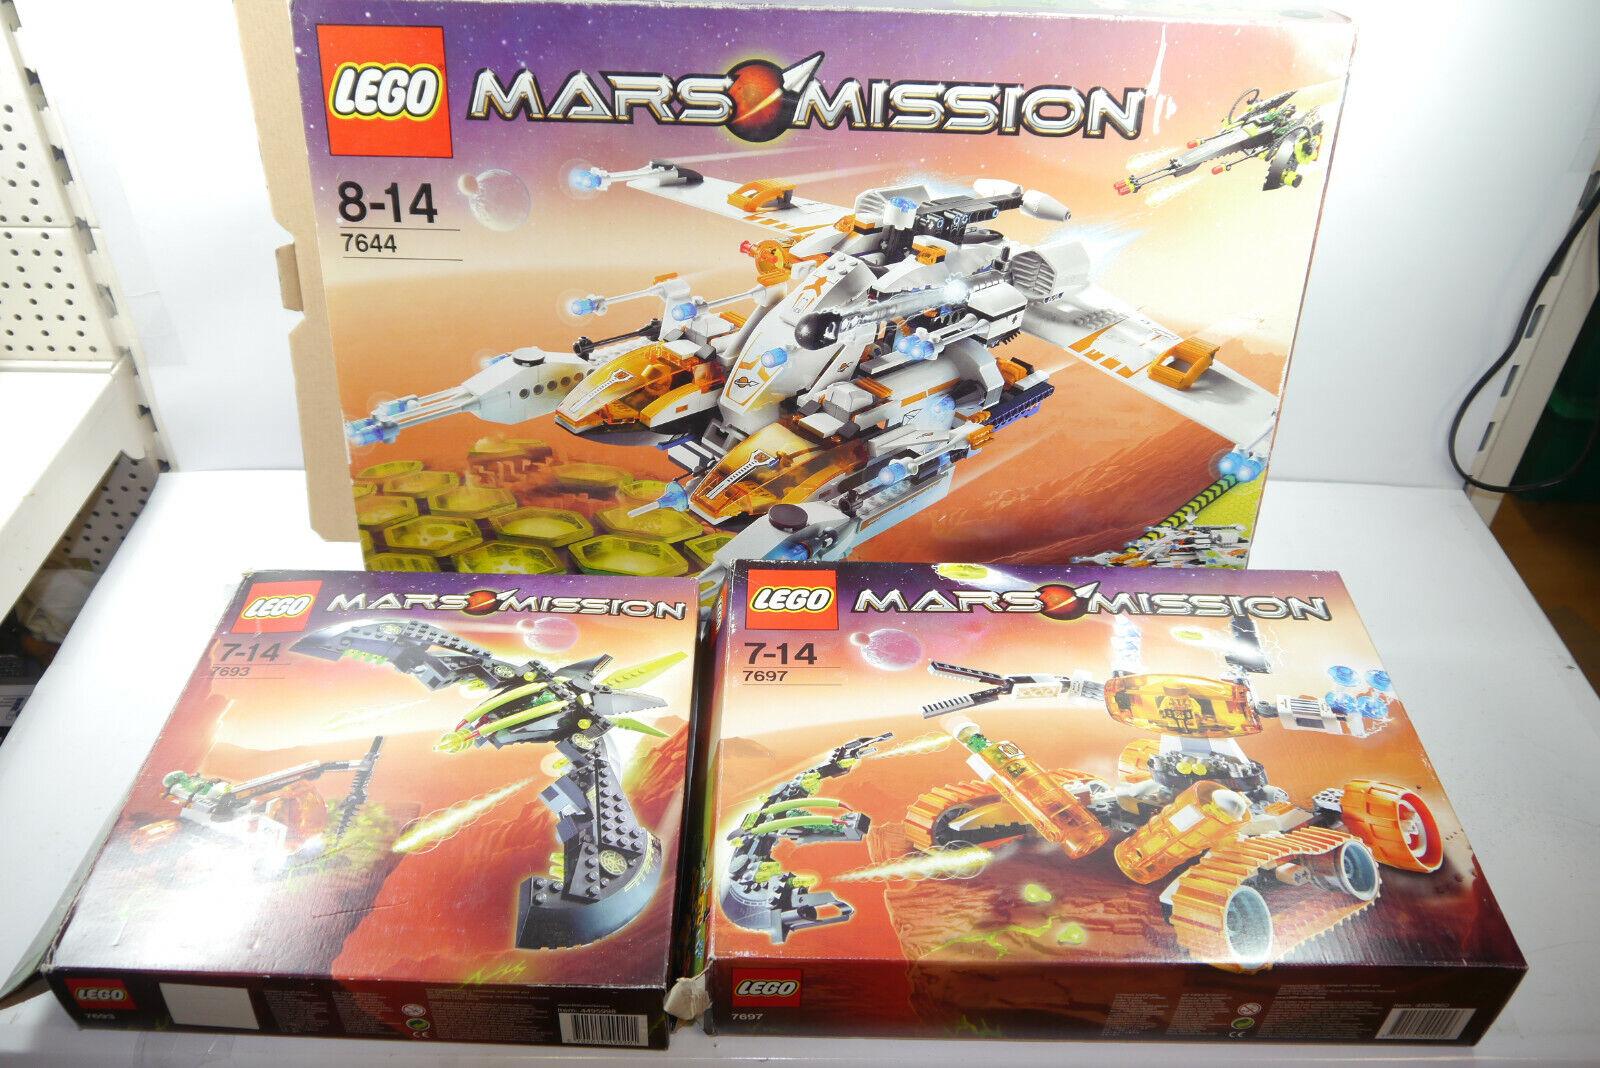 Lego Mars Missione 4644  4697 7693 con scatola + Istruzioni (F10)  sport caldi